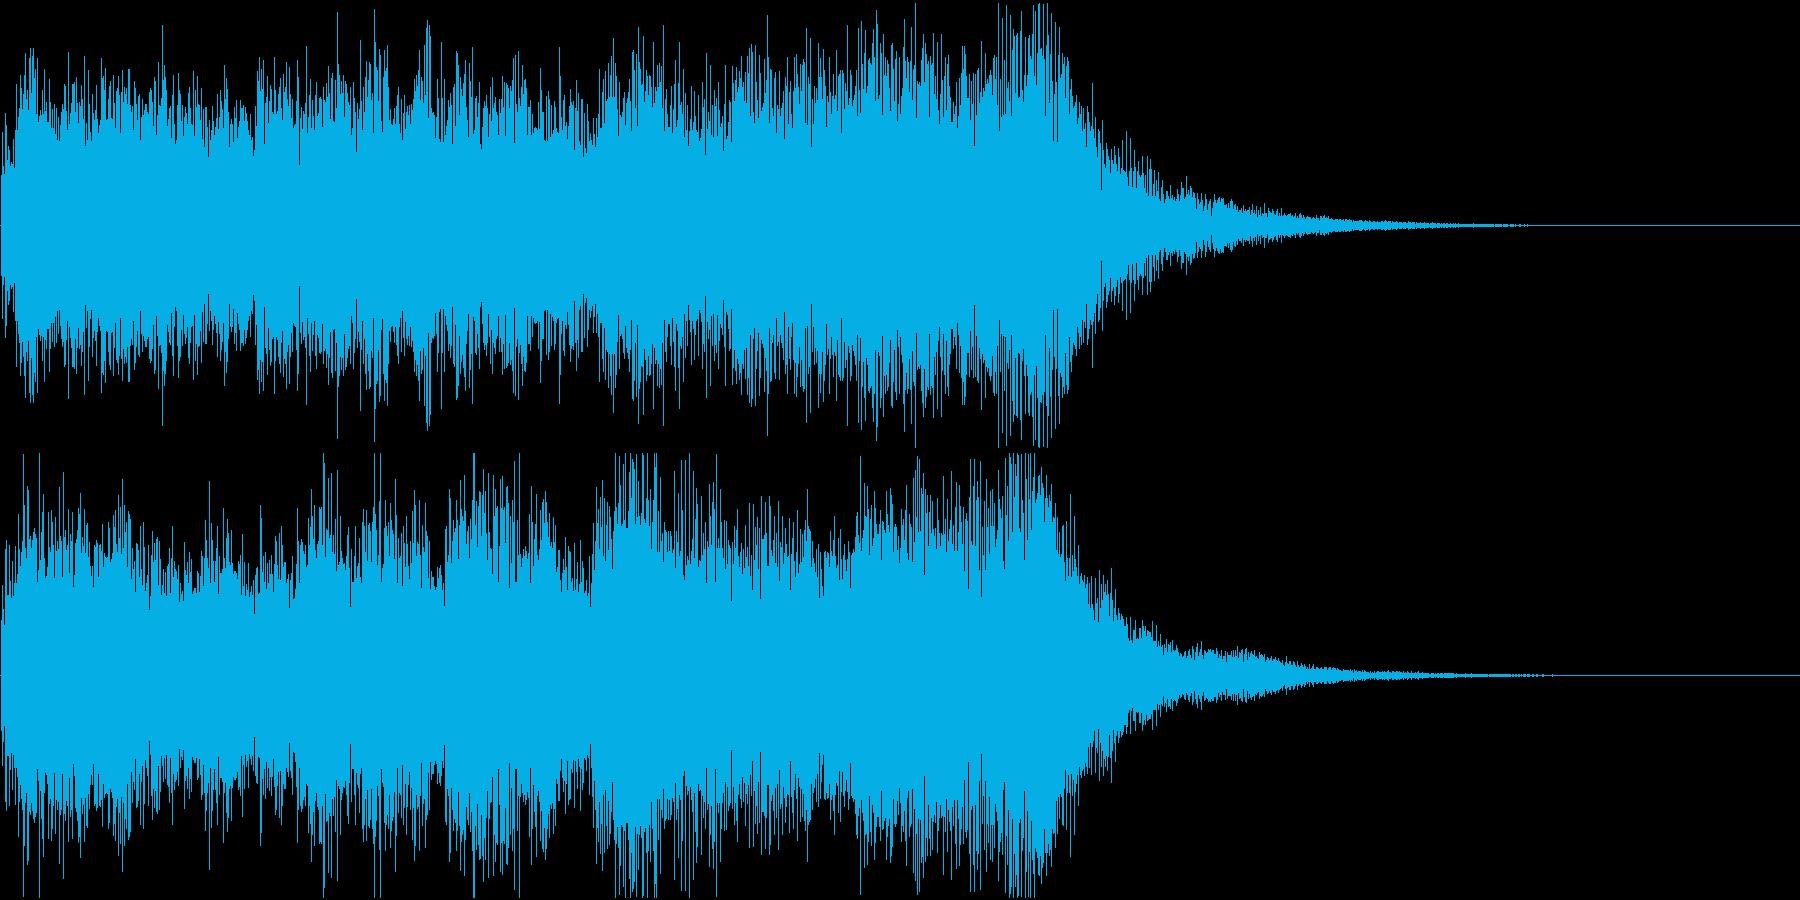 レベルアップファンファーレの再生済みの波形